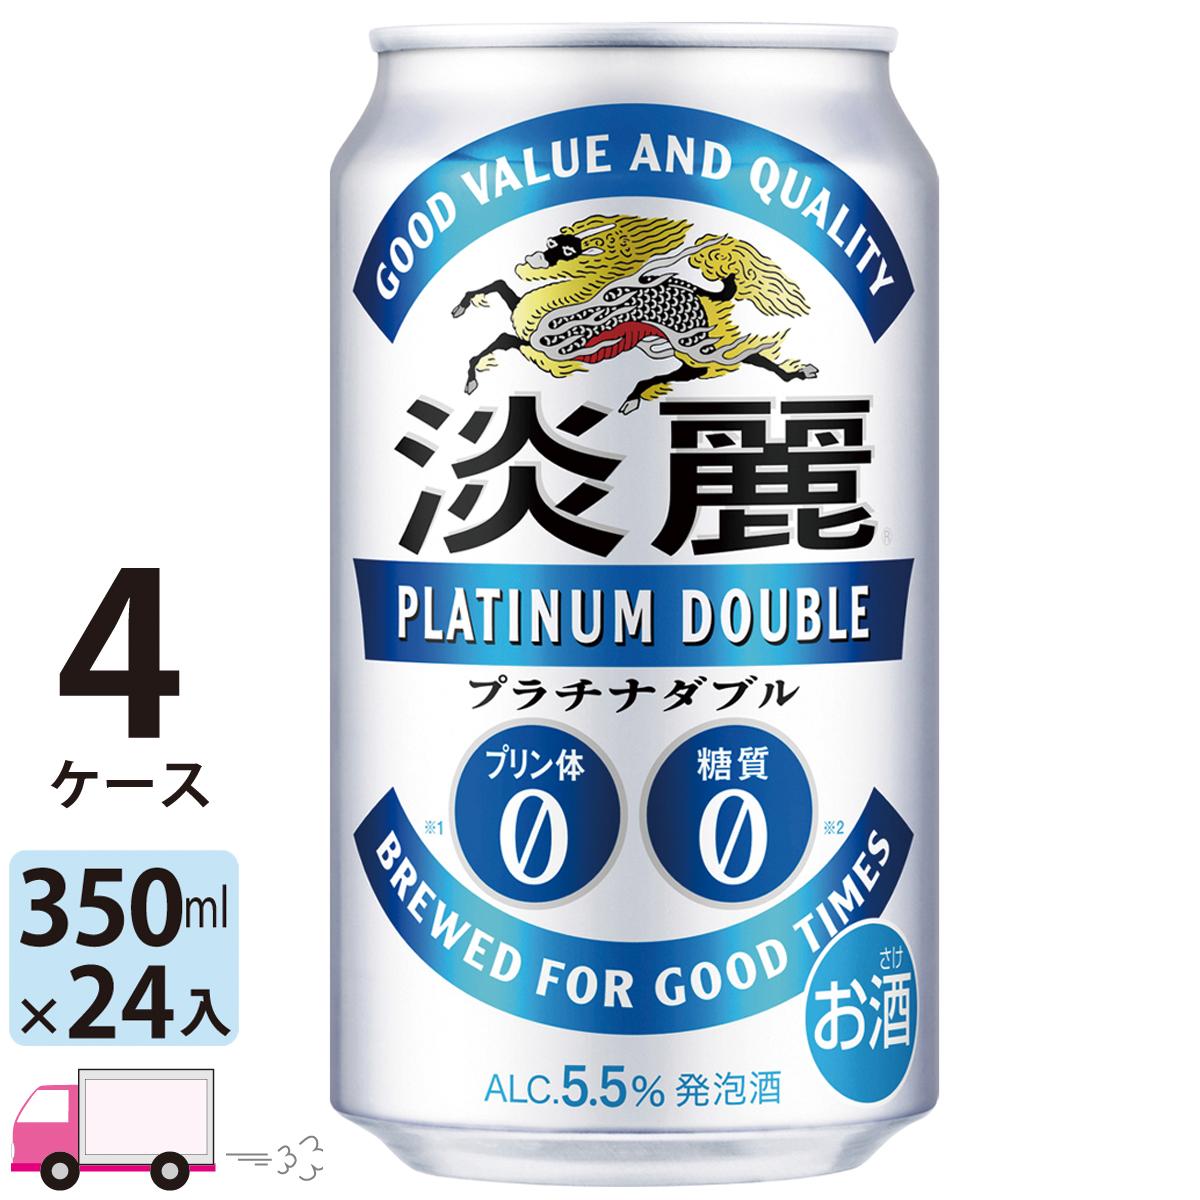 プリン体0.00、糖質0を実現しながら本格的なうまさと爽快なキレを両立。 送料無料 キリン ビール 淡麗 プラチナダブル 350ml ×24缶入 4ケース (96本)